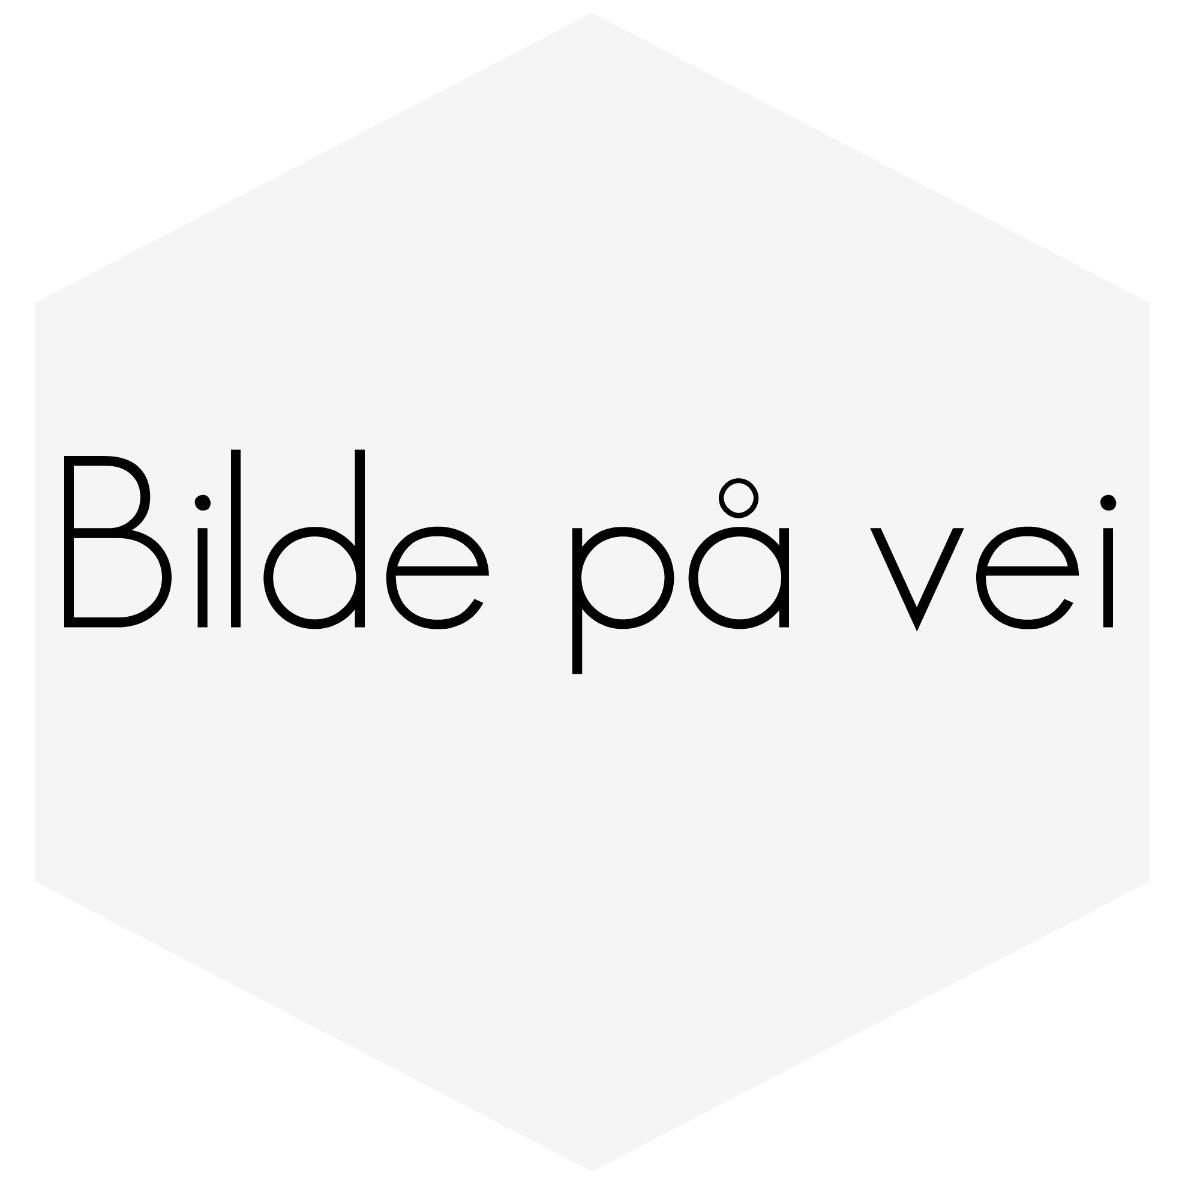 PUSSERBLAD PÅ LYKTER 240-81-93 SATS 2 BLADER